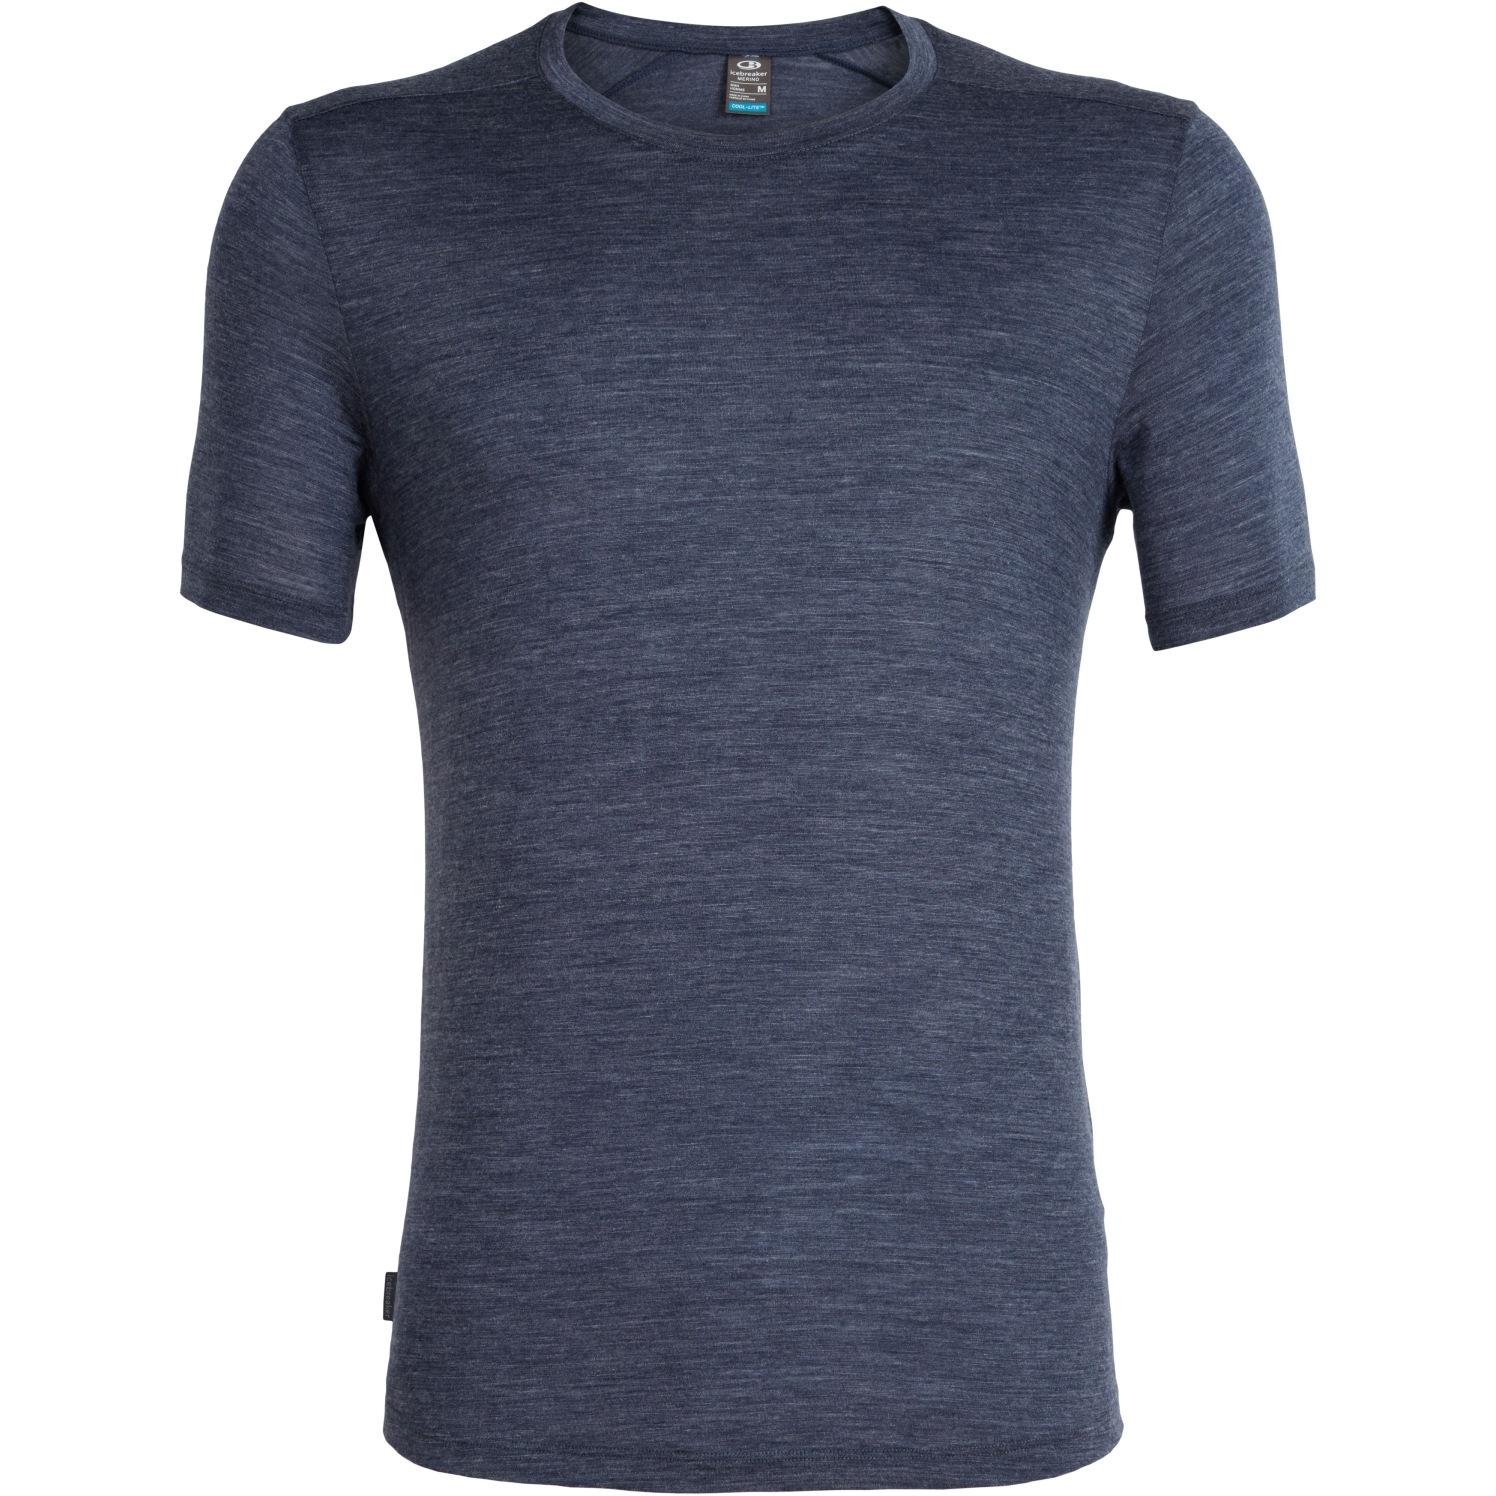 Produktbild von Icebreaker Sphere Crewe Herren T-Shirt - Midnight Navy